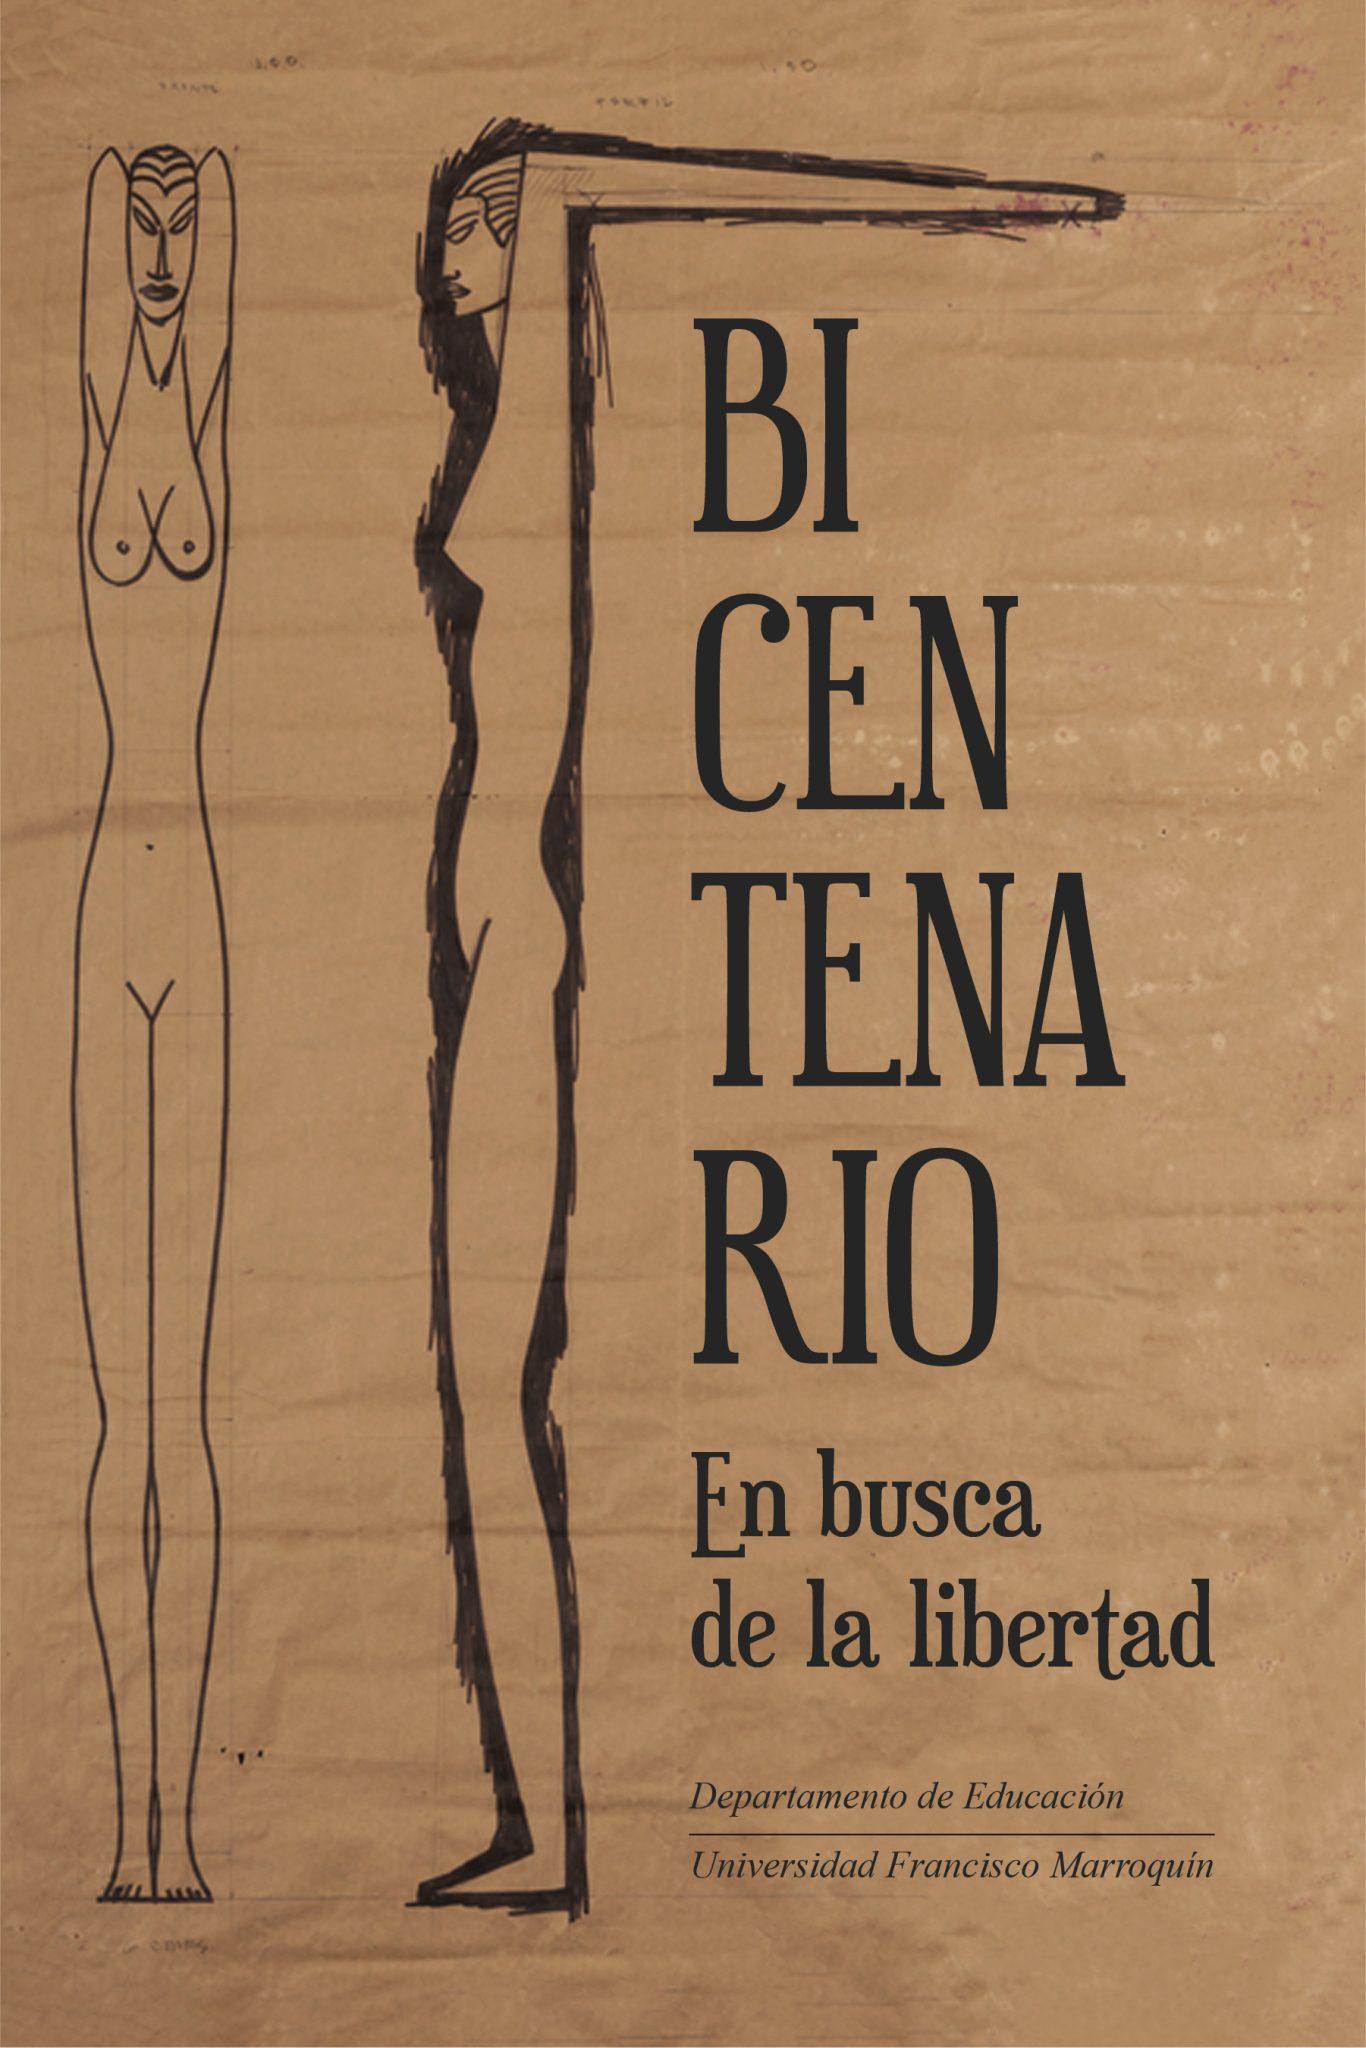 Bicentenario en busca de la libertad